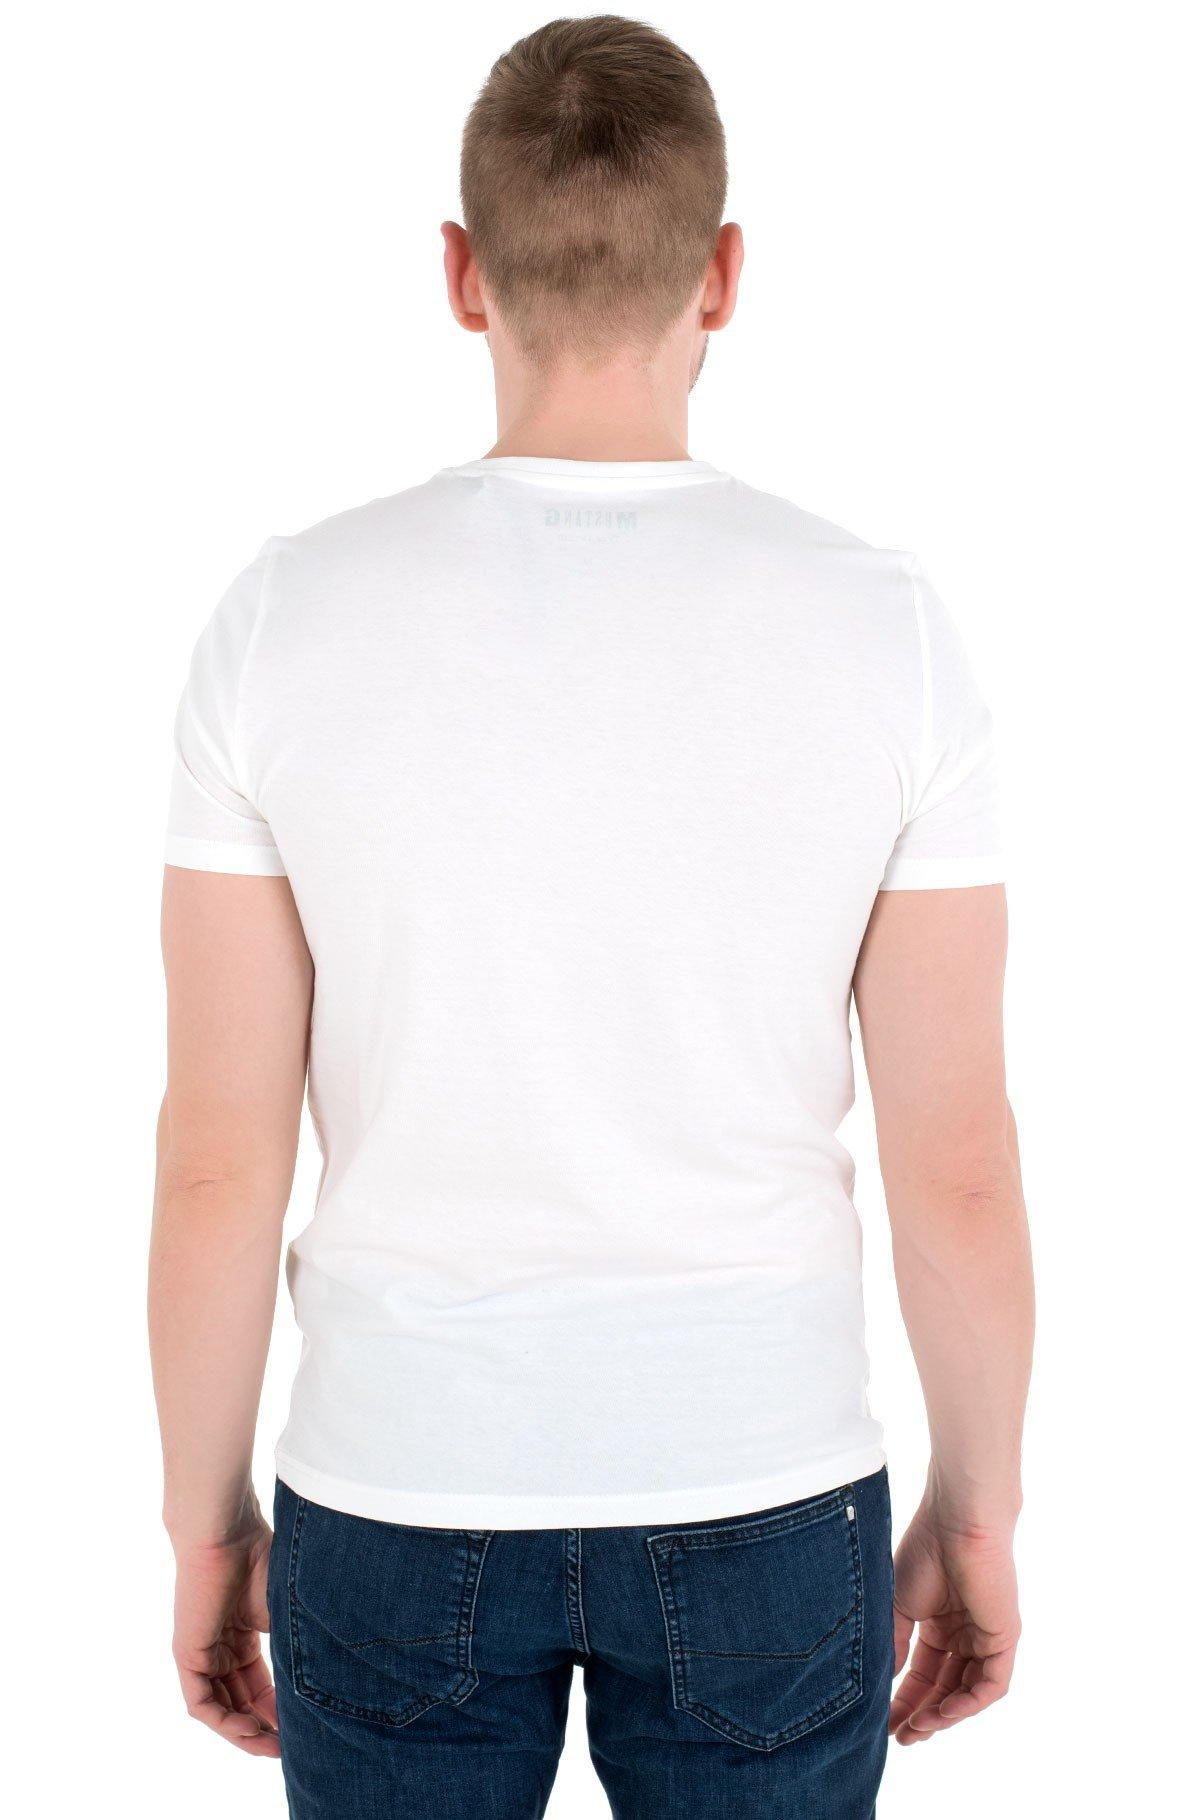 T-shirt 101-0706-full-2